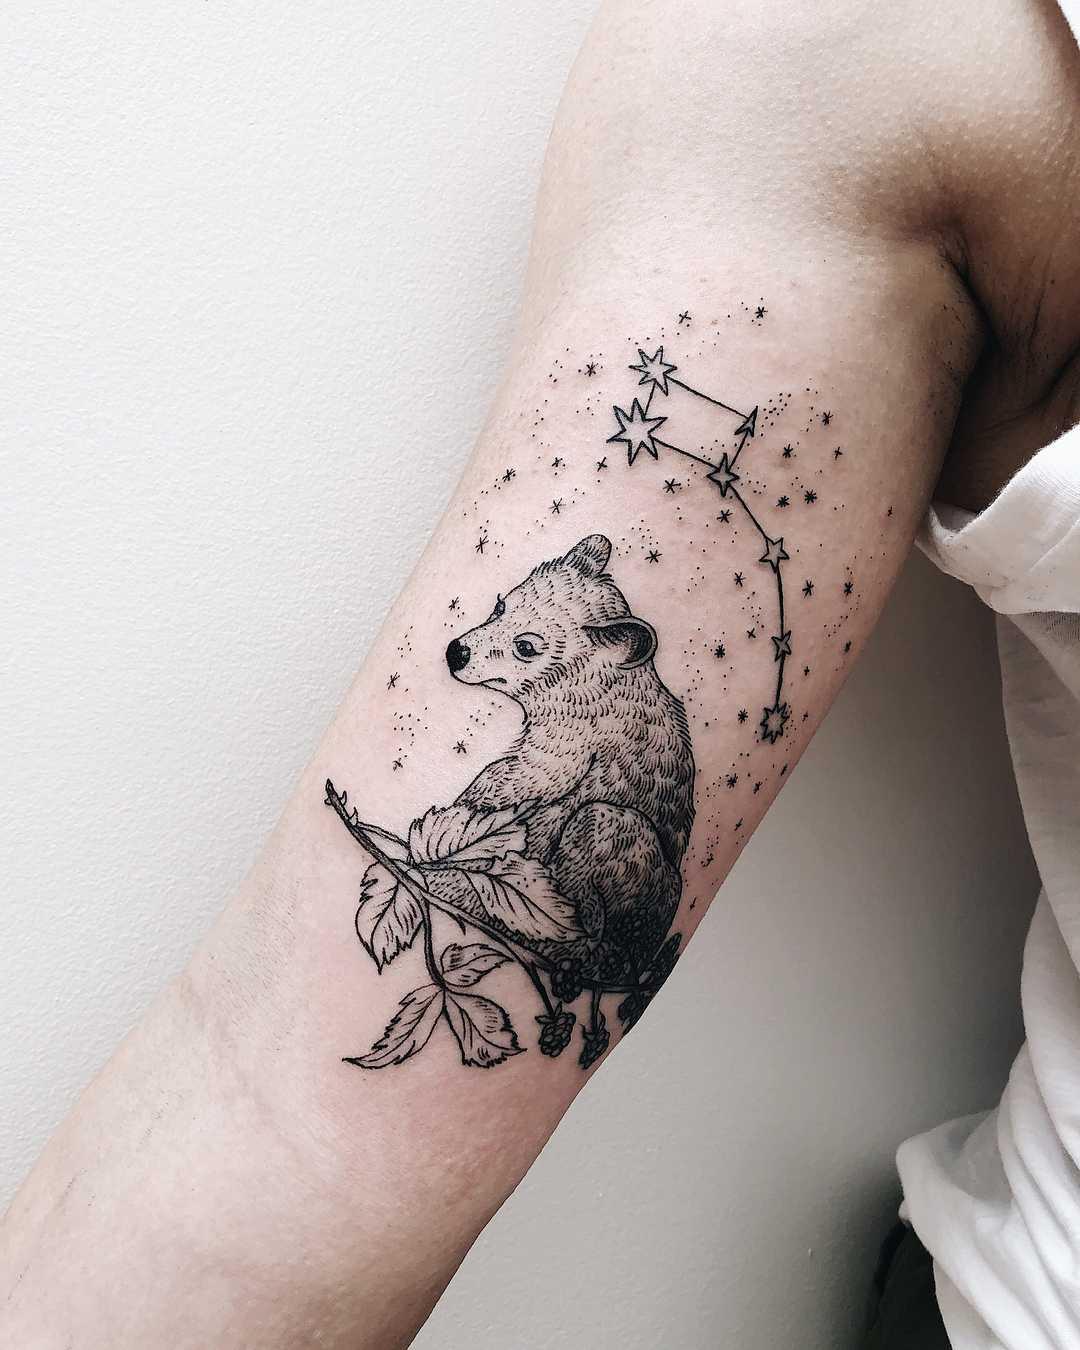 Little dipper and bear tattoo